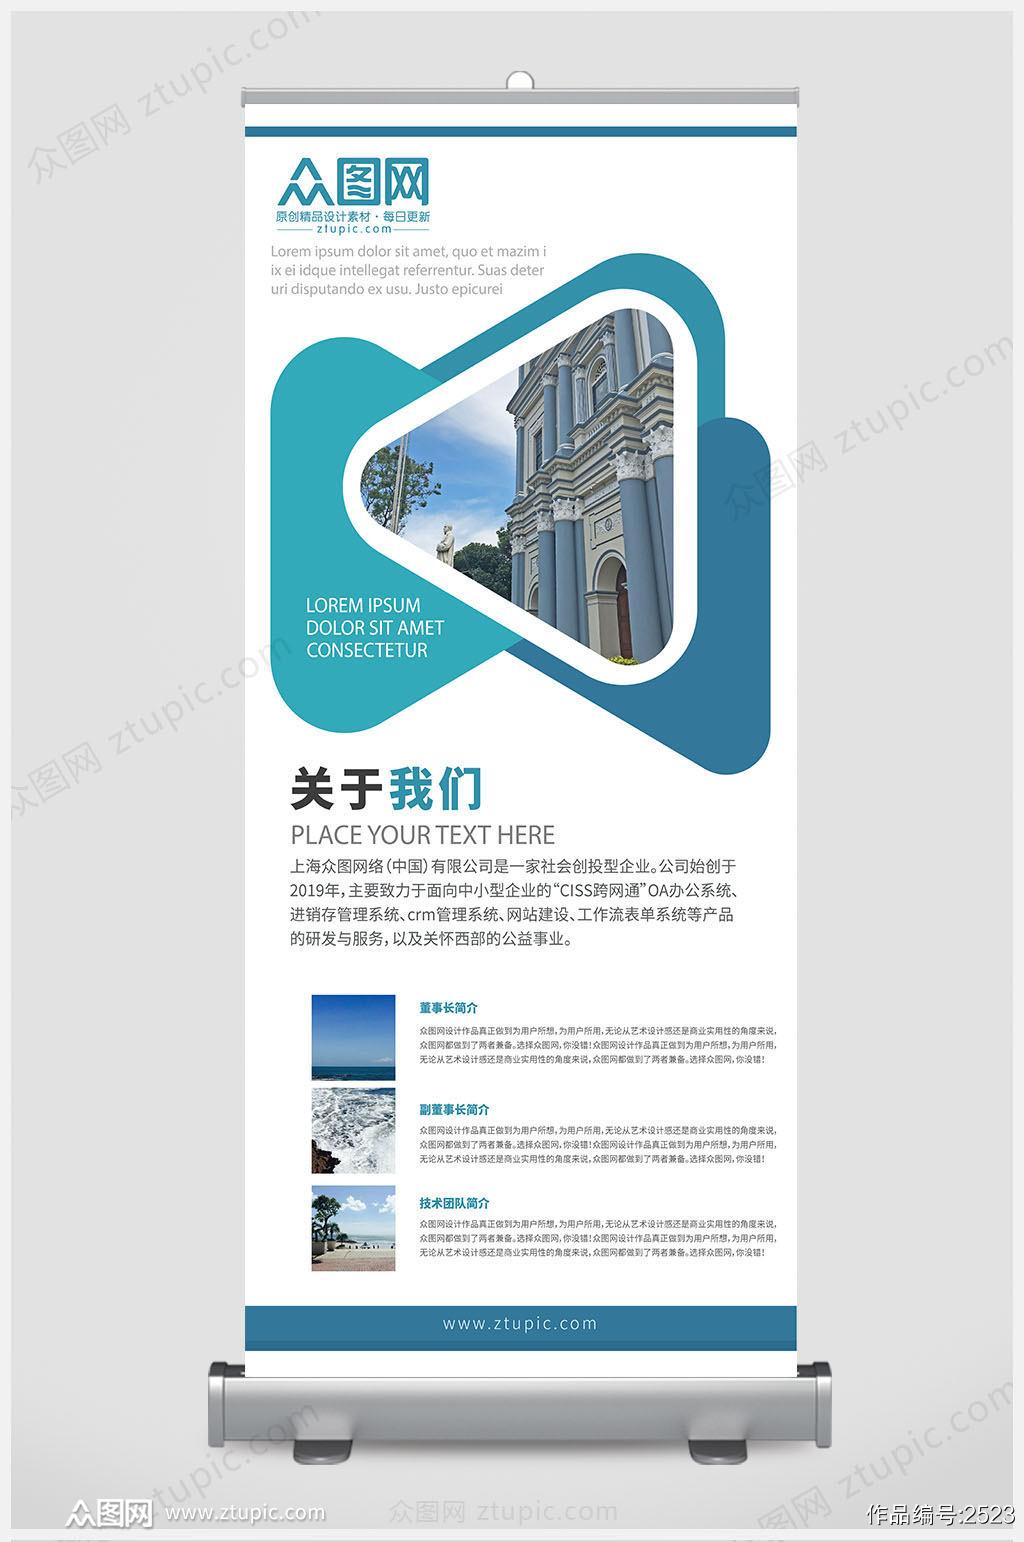 易拉宝图片 企业宣传招聘易拉宝设计丽屏展架素材